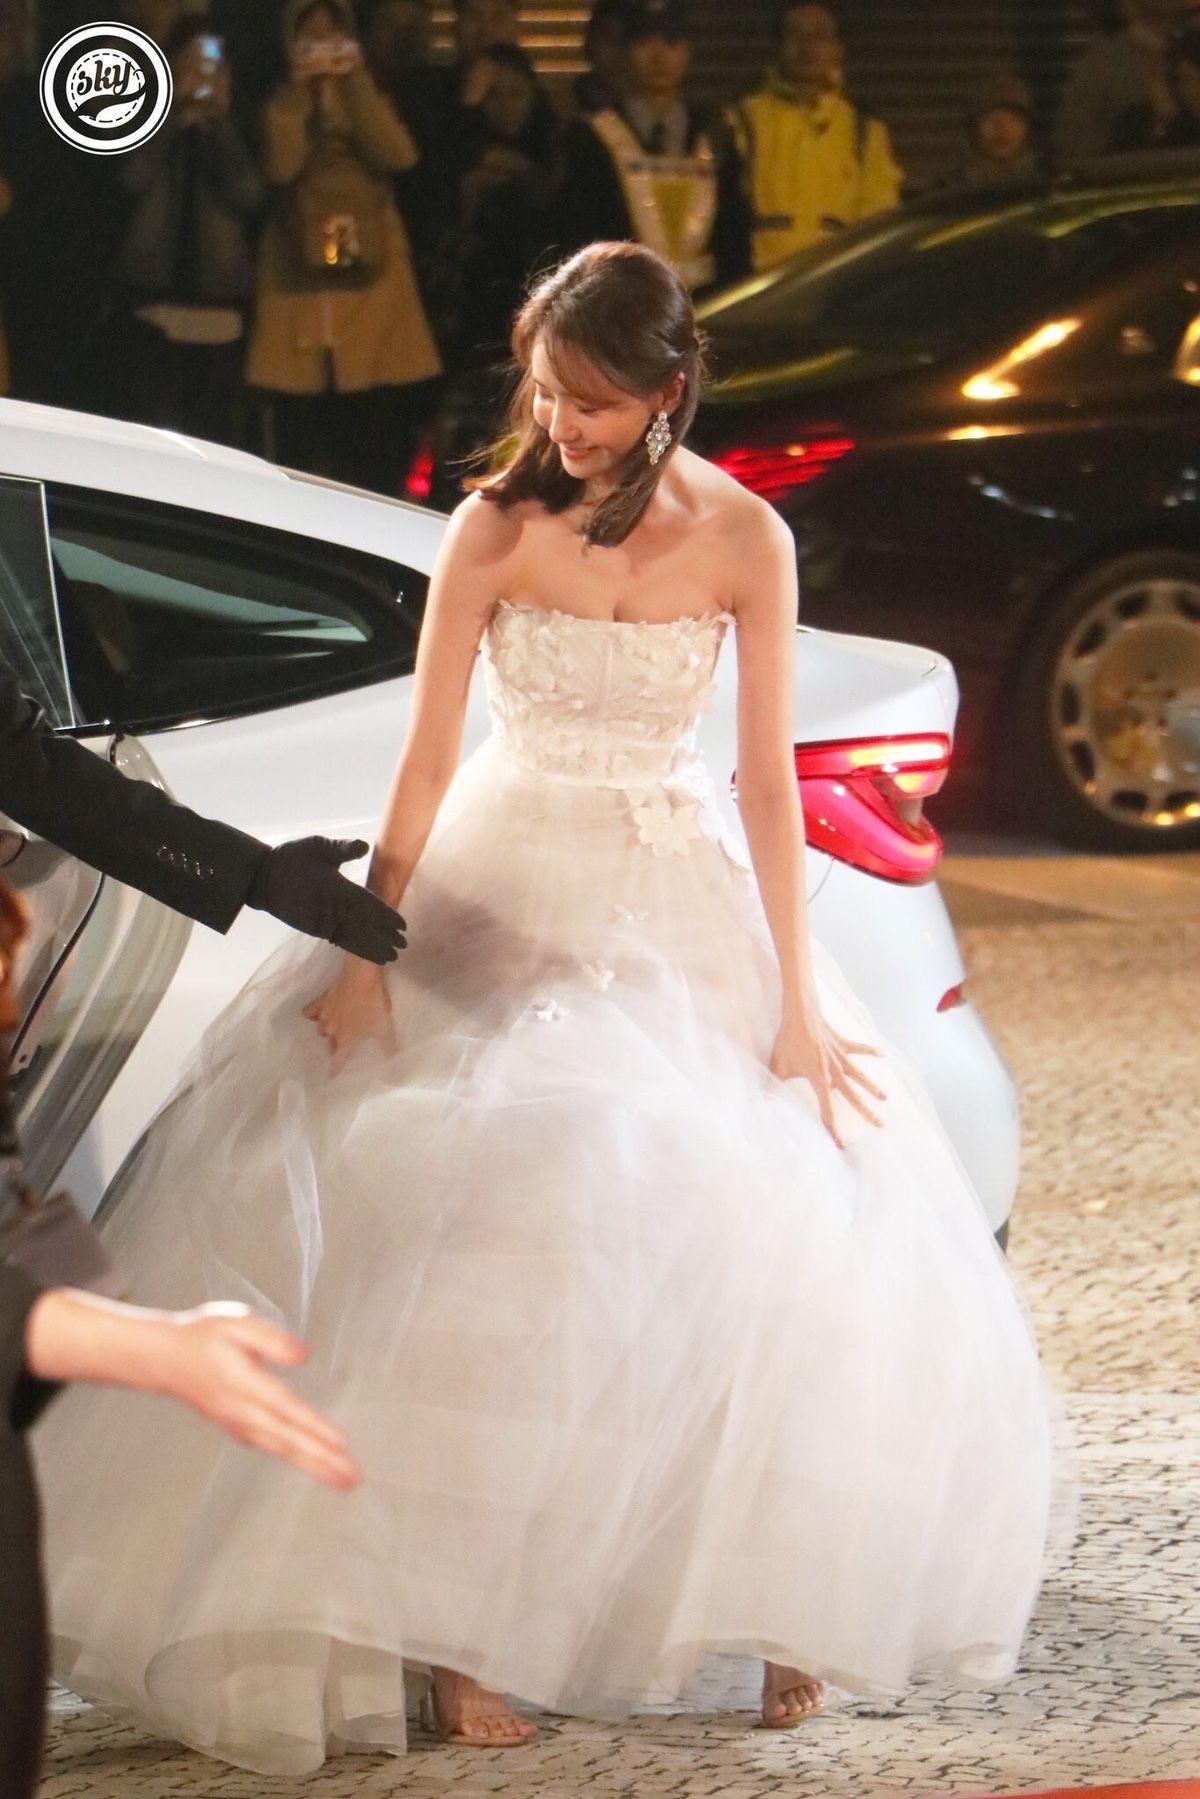 Bị chê có quá nhiều khuyết điểm, Yoona chứng minh: Vẻ đẹp vạn người mê nằm ở khí chất! - Ảnh 8.